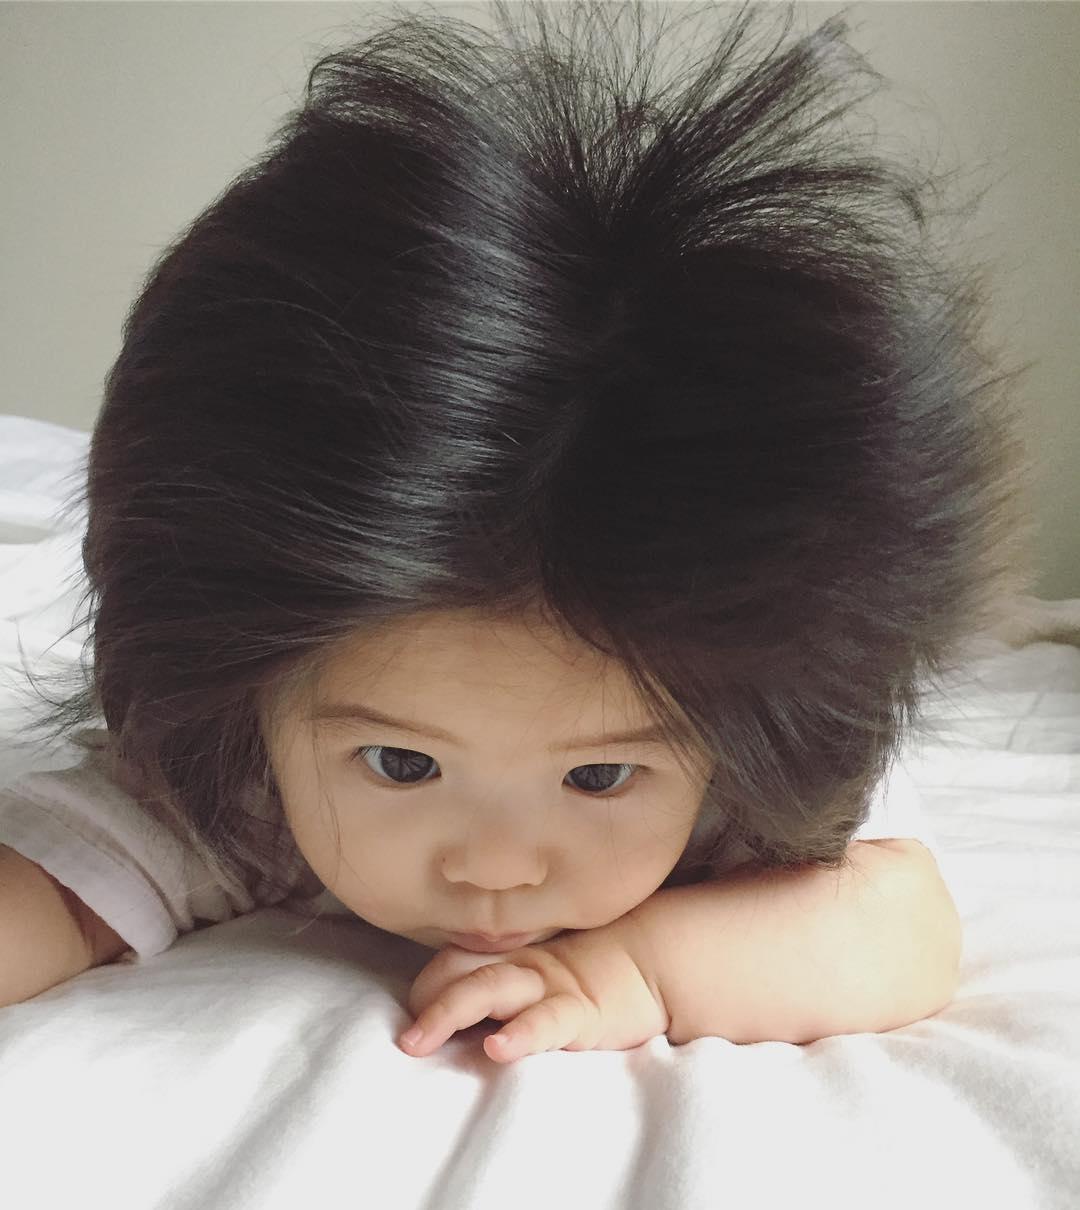 Hosszú hajjal jött a világra ez a baba, aki meghódította az egész internetet!